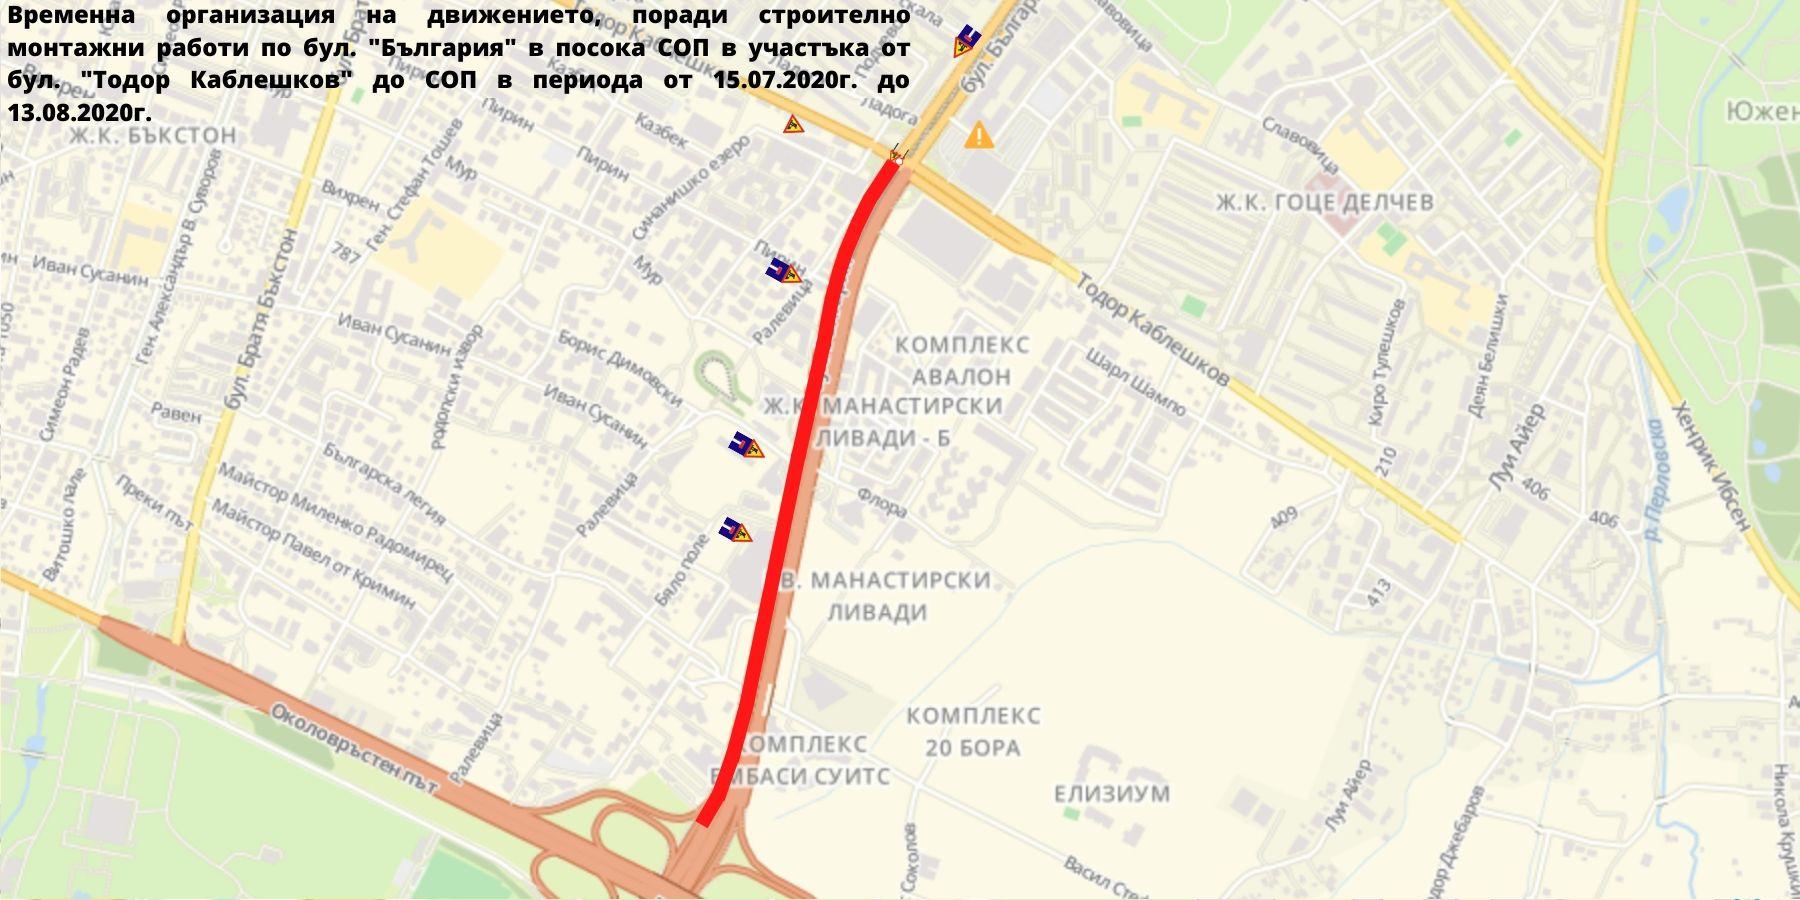 """Участък от бул. """"България"""" в ремонт от 15 юли до 13 август"""